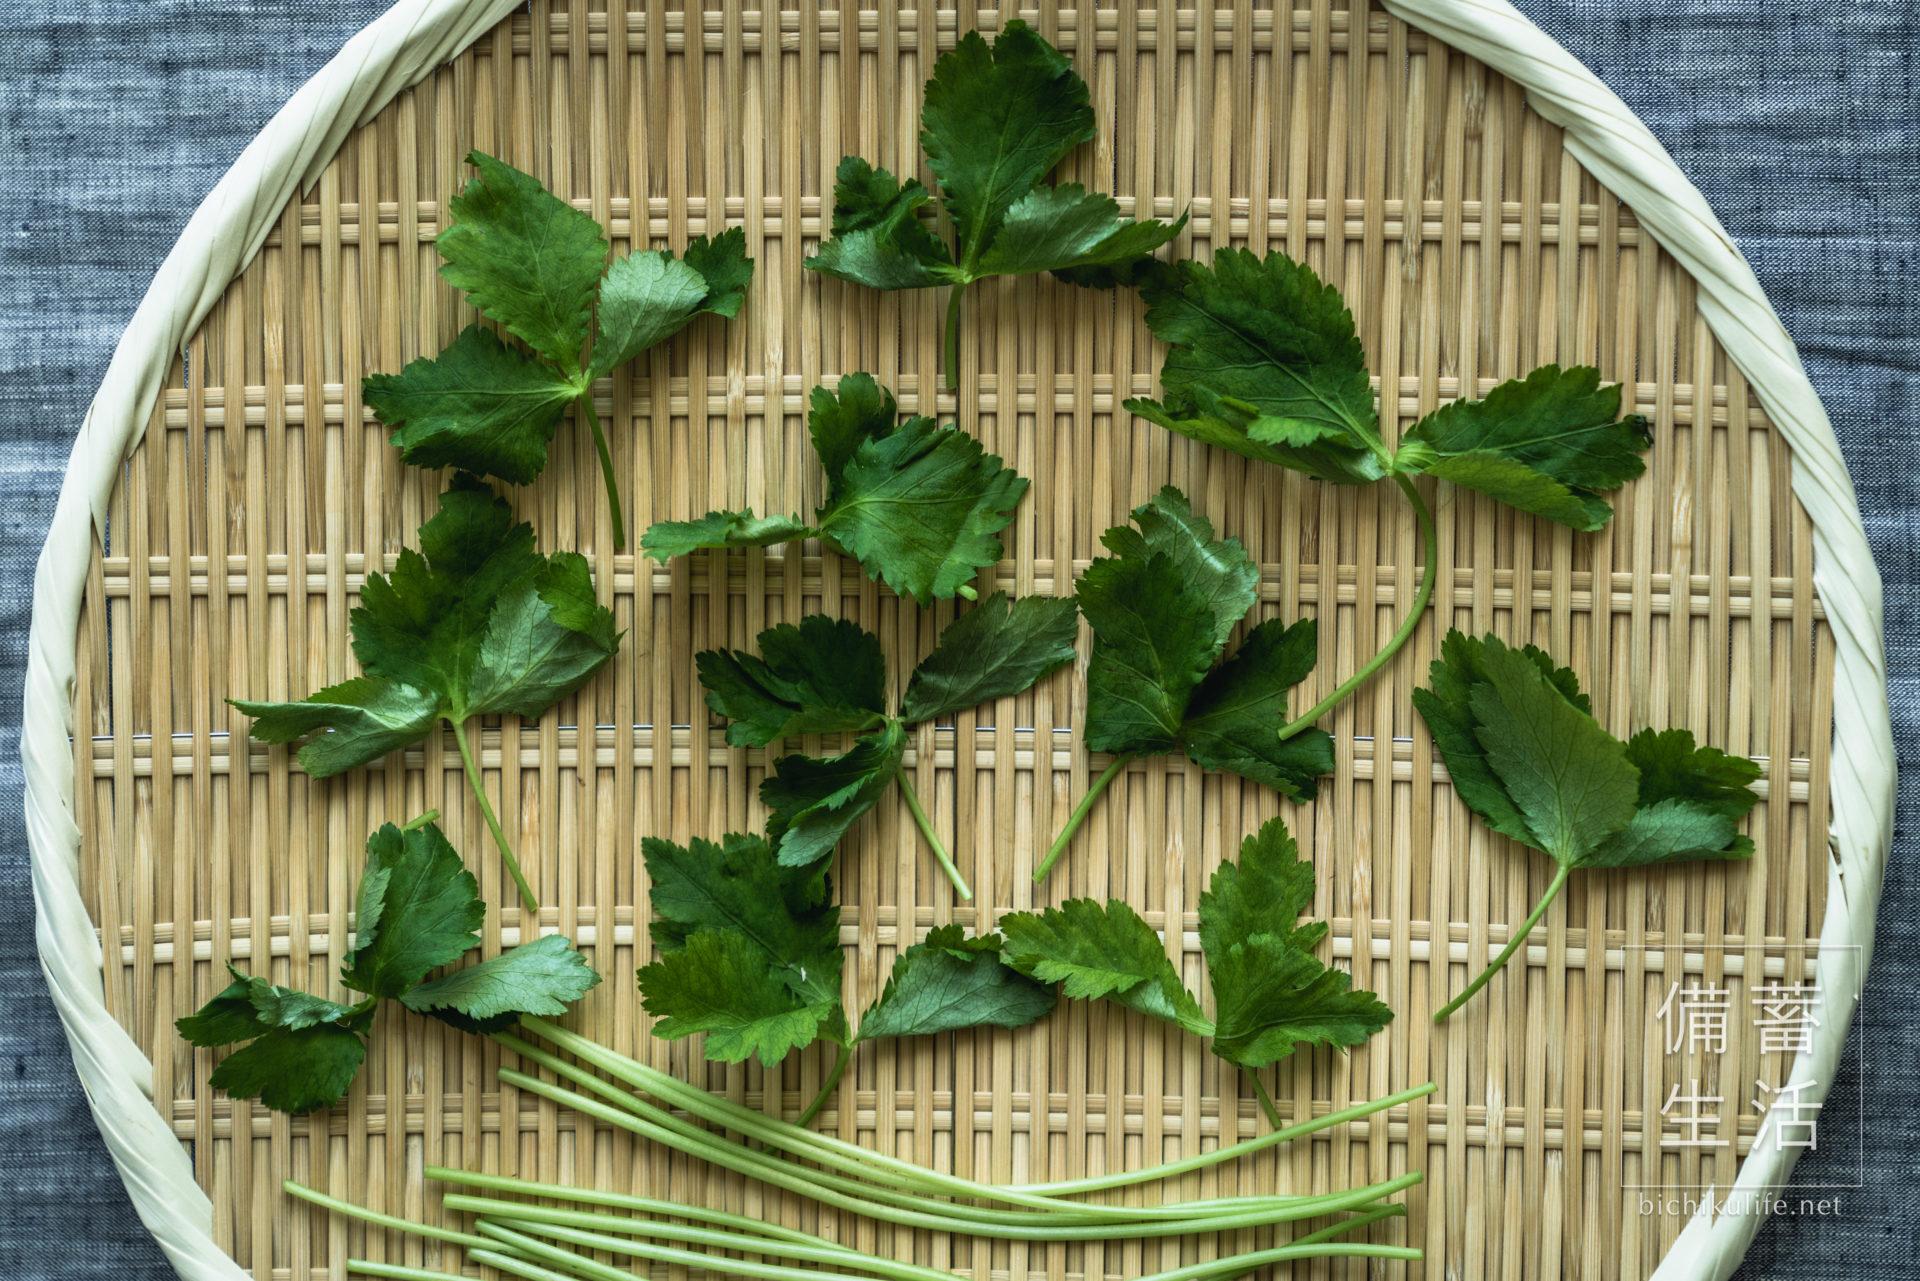 みつば 干し野菜づくり|干し三つ葉の作り方